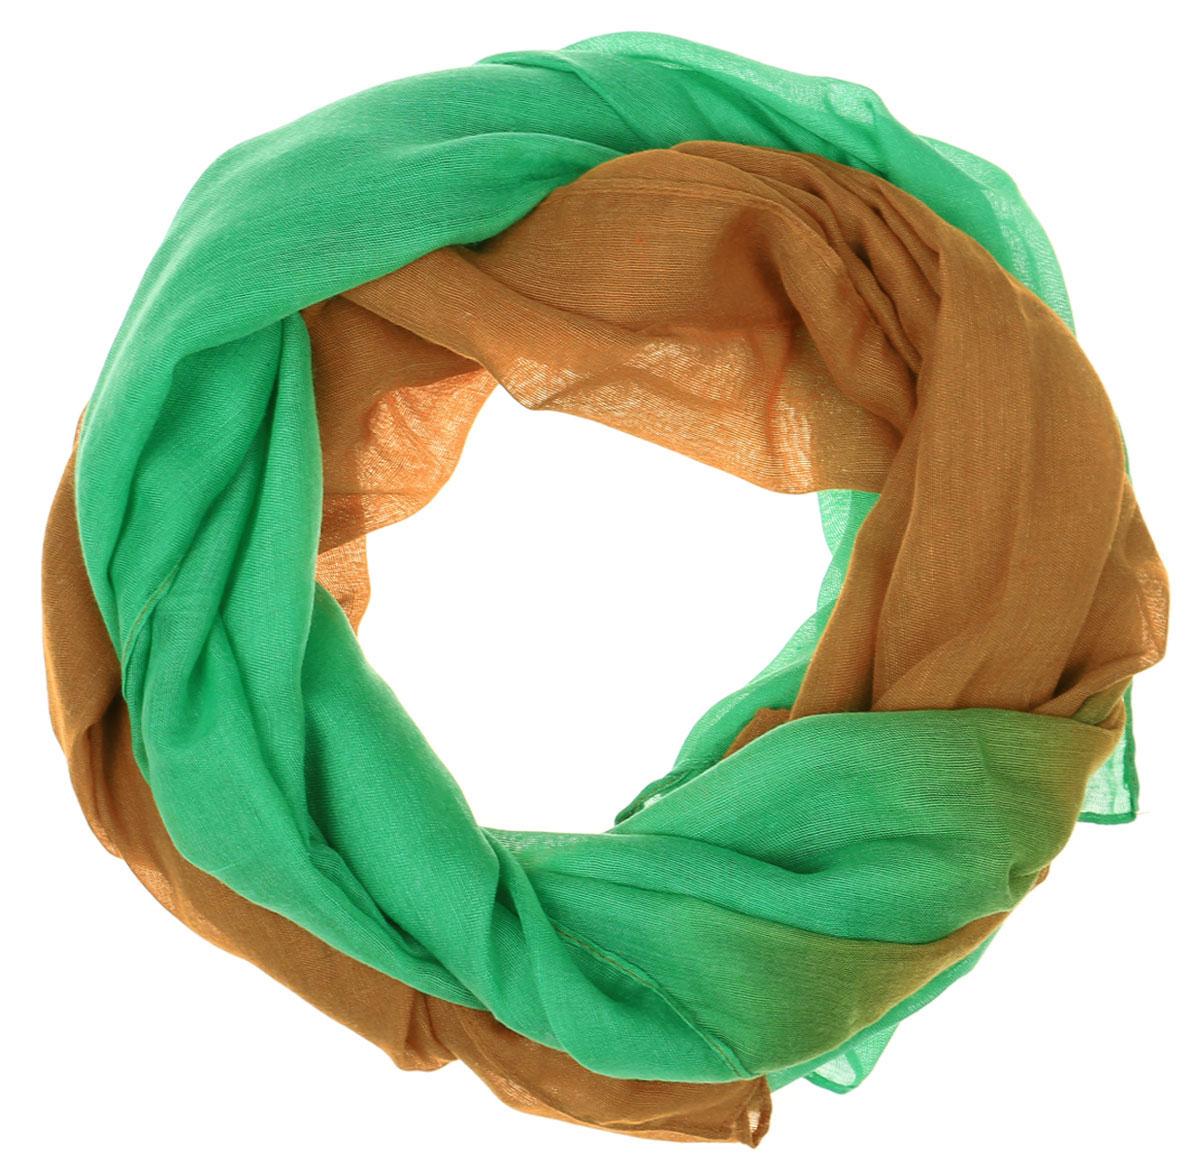 Палантин Vittorio Richi, цвет: зеленый, светло-коричневый. Ro01PC3457-46-75. Размер 95 см х 180 смRo01PC3457-46-75Широкий палантин от Vittorio Richi выполнен из хлопка с добавлением модала. Модель оформлена горизонтальным трехцветным переходом. Обработка кромки - подгибка.